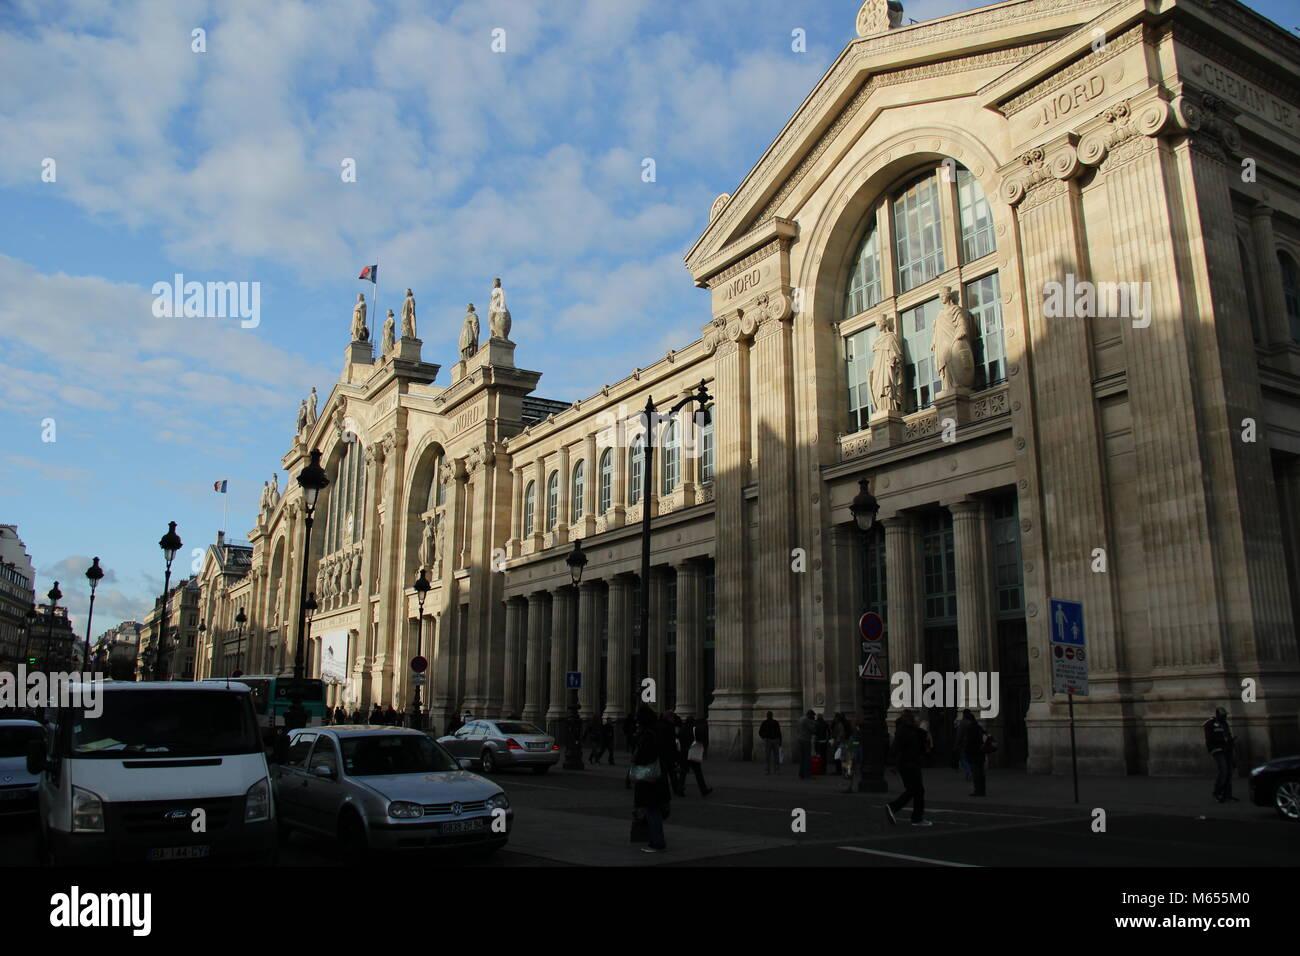 At gare du nord stock photos at gare du nord stock for Gare du nord paris